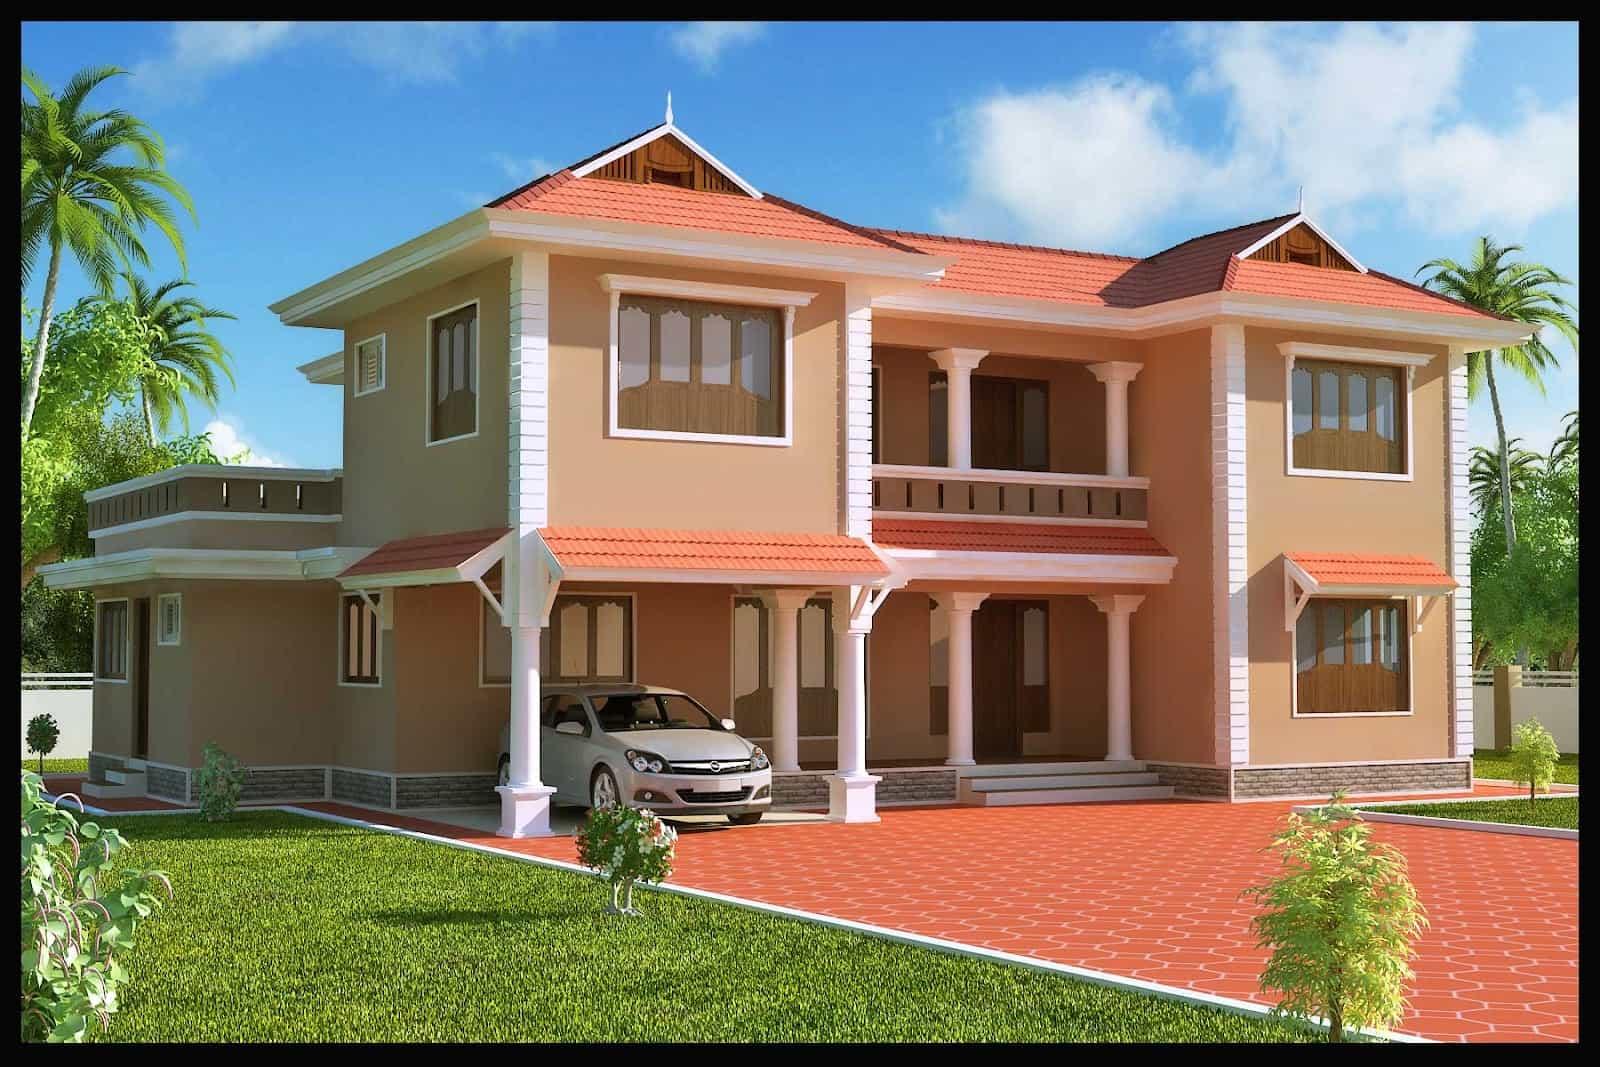 Duplex Kerala Home Design At 2618 Sq.ft